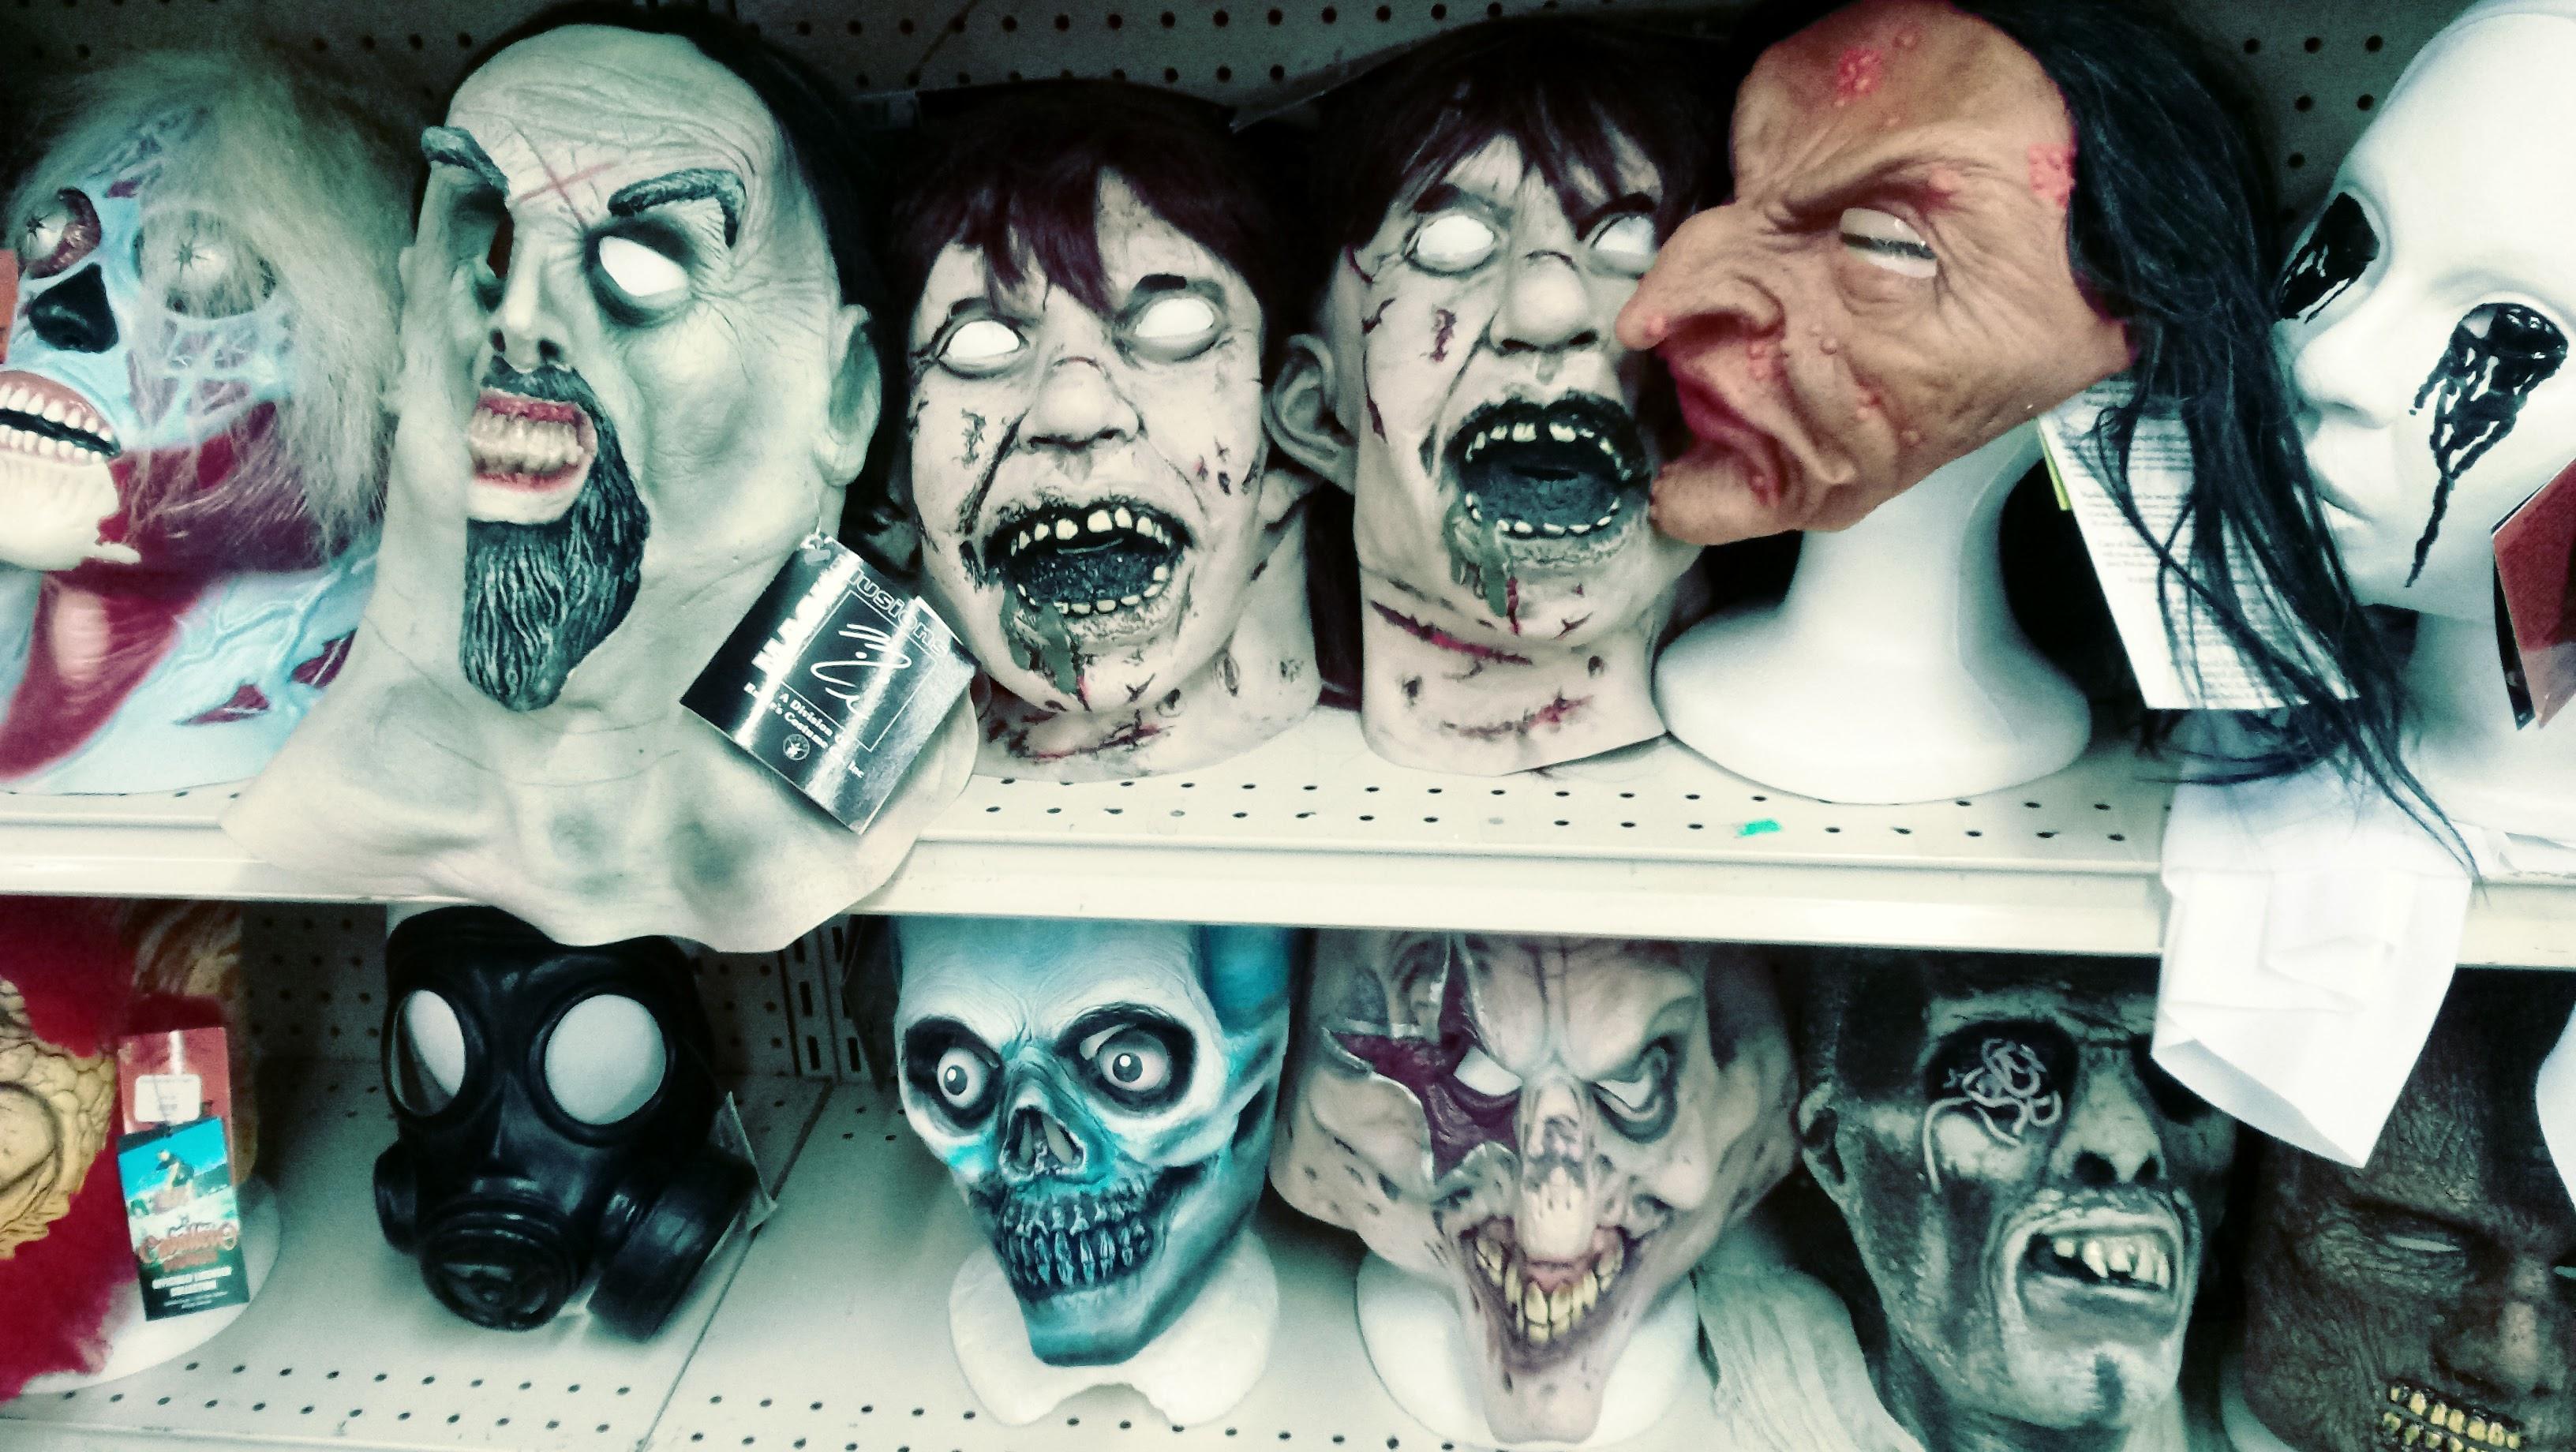 nick nackery scarecrow they live witch zombie gasmask horror masks